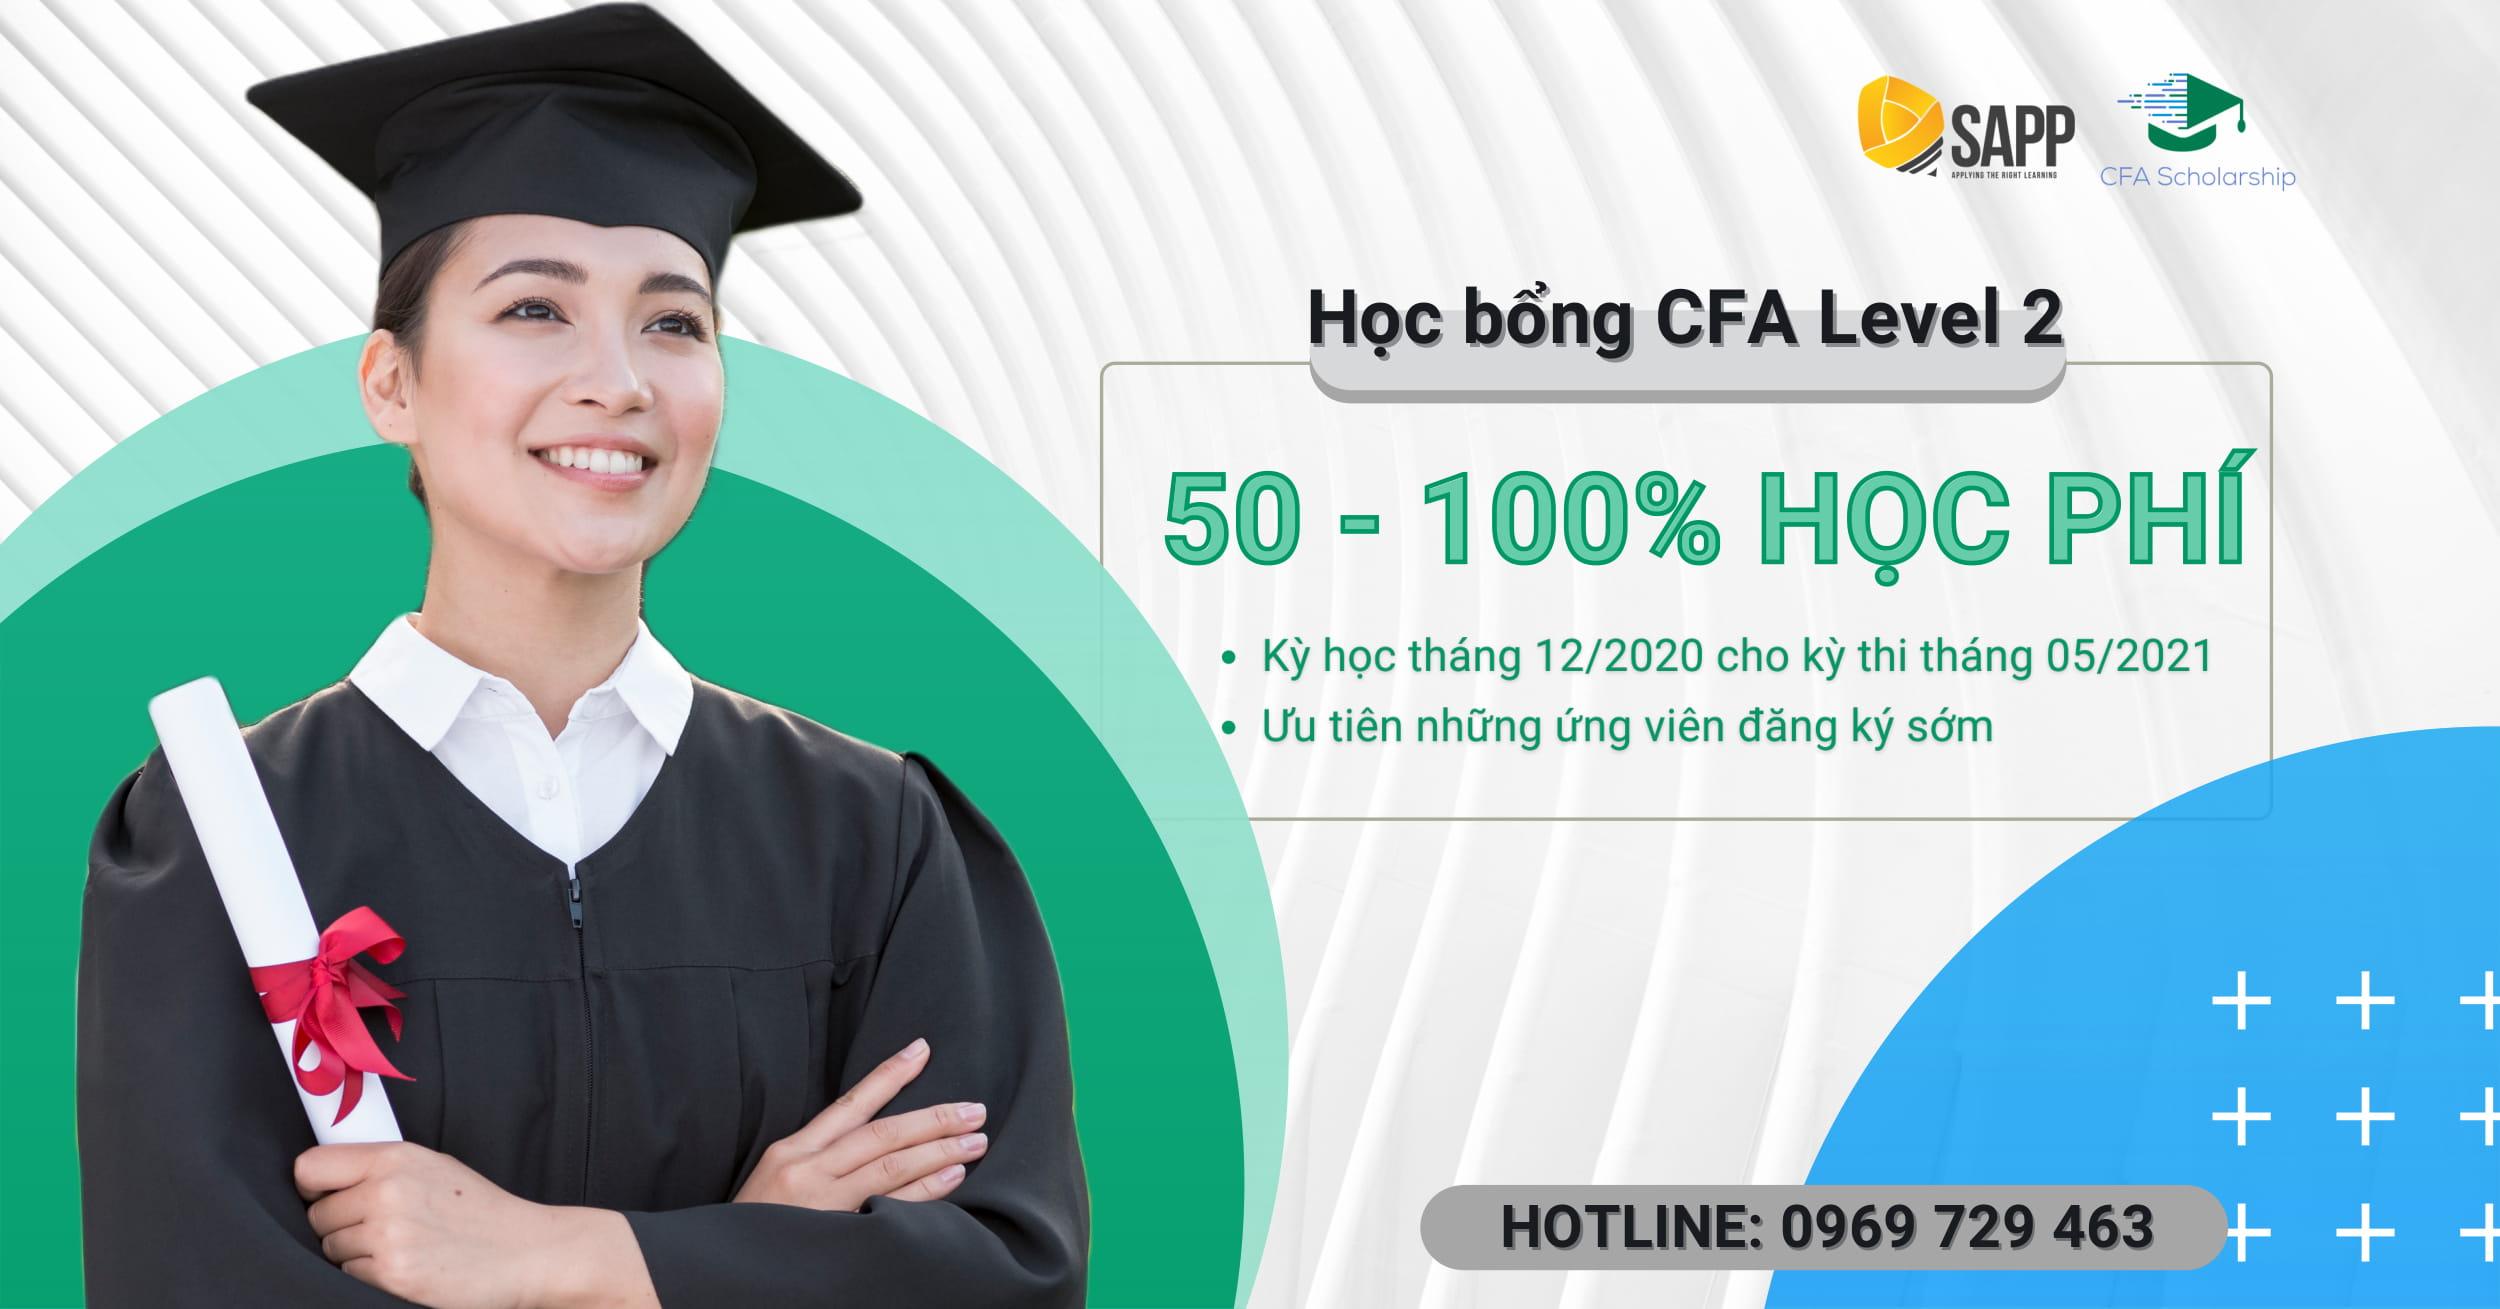 Học CFA Level 2 Không Mất Học Phí, Tại Sao Không? - SAPP Academy